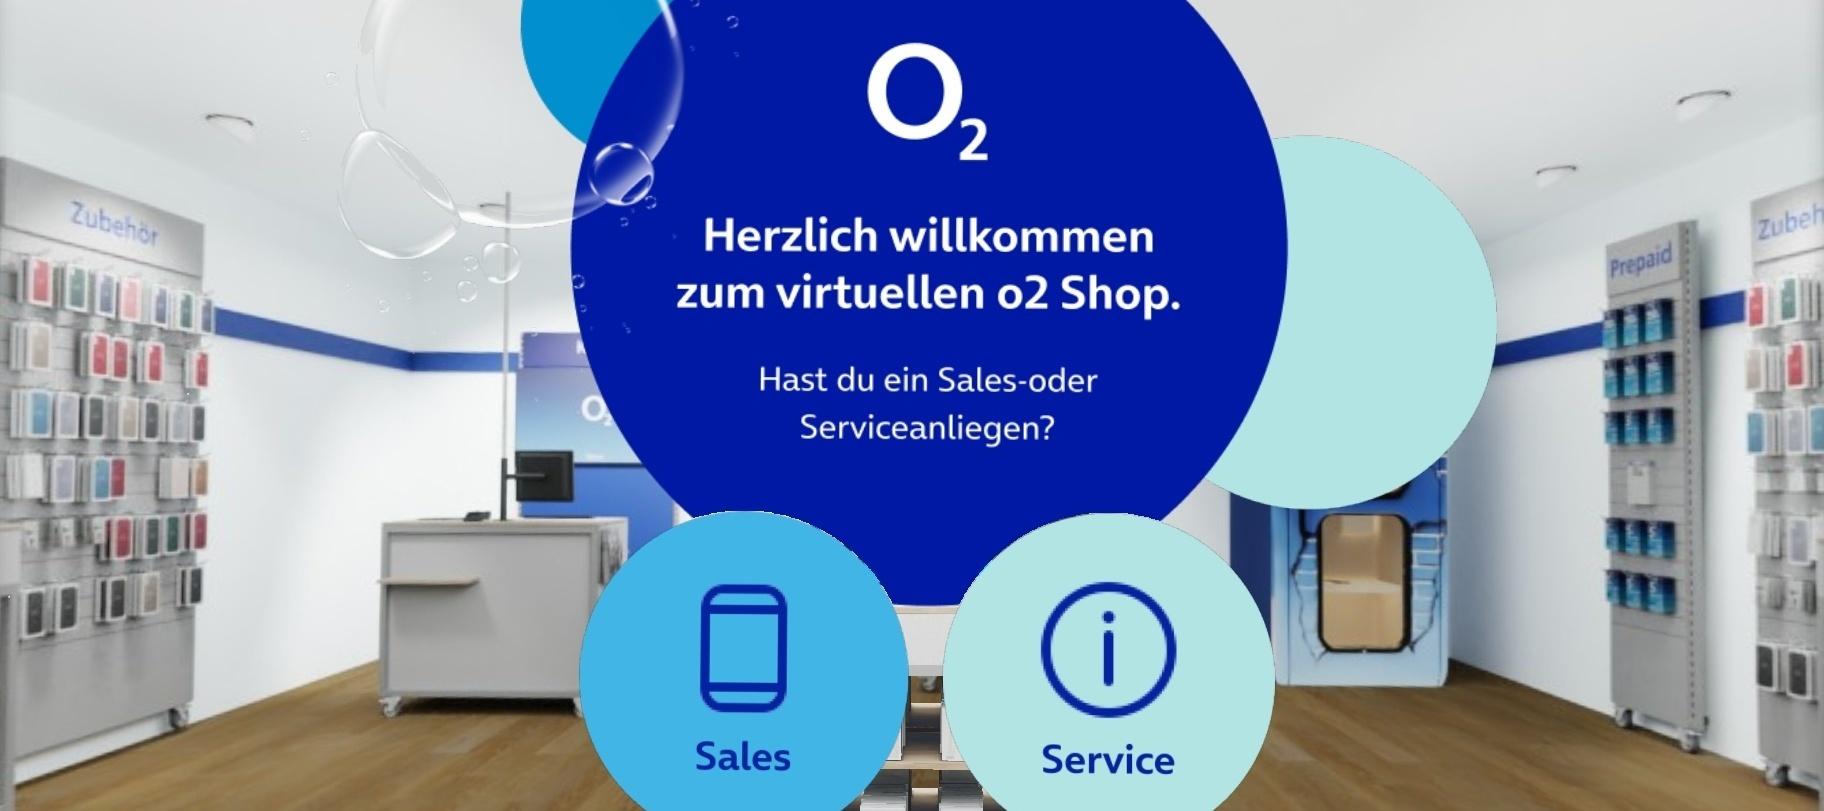 Web 360 Shop von O₂ - Testet den Shop, der zu euch nach Hause kommt